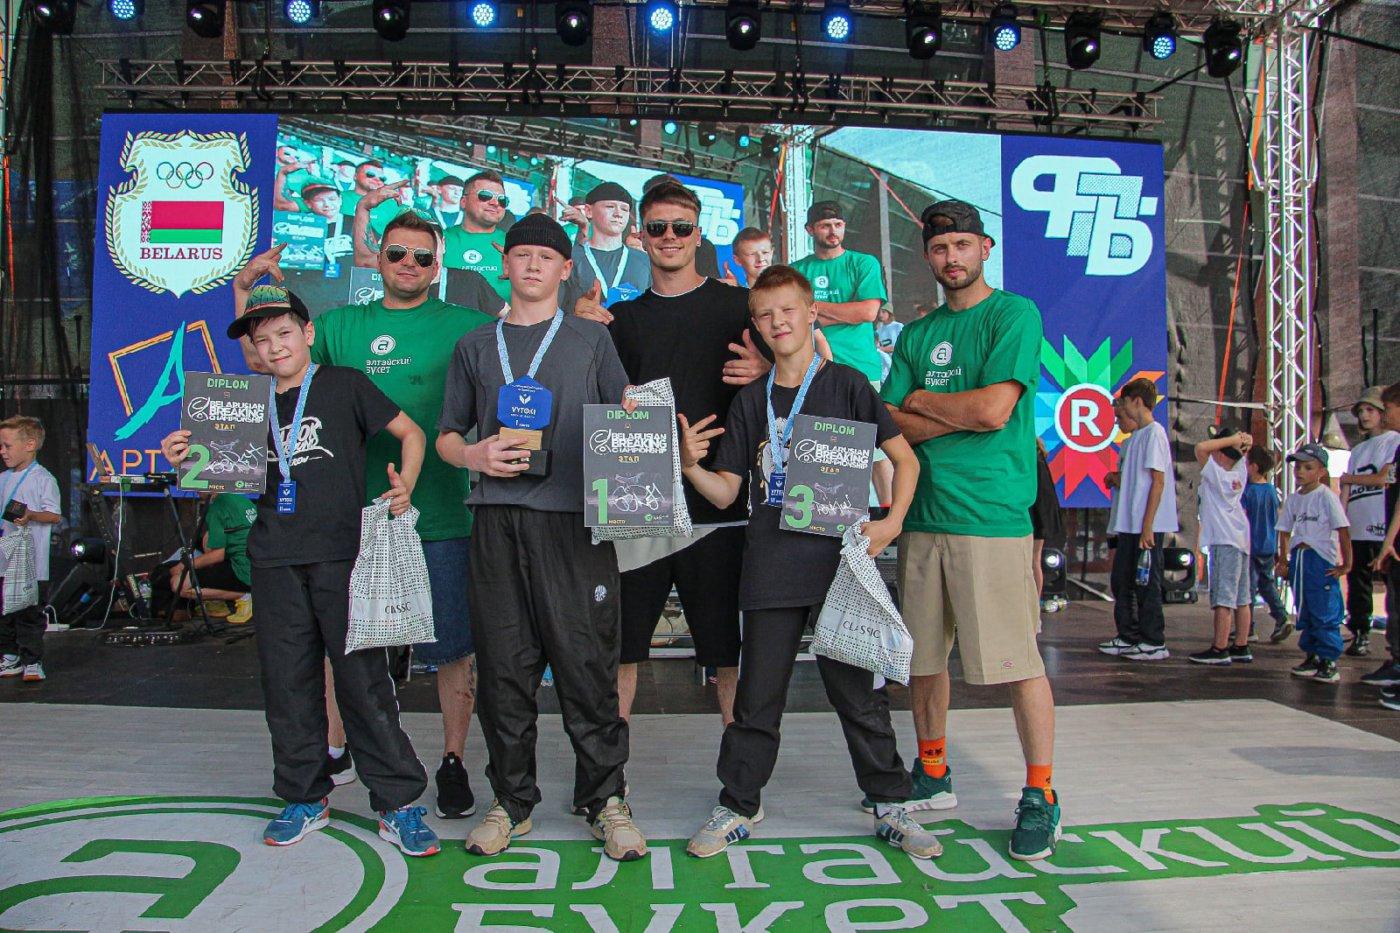 Поздравляем наших учеников с победами на чемпионате в г. Бобруйск